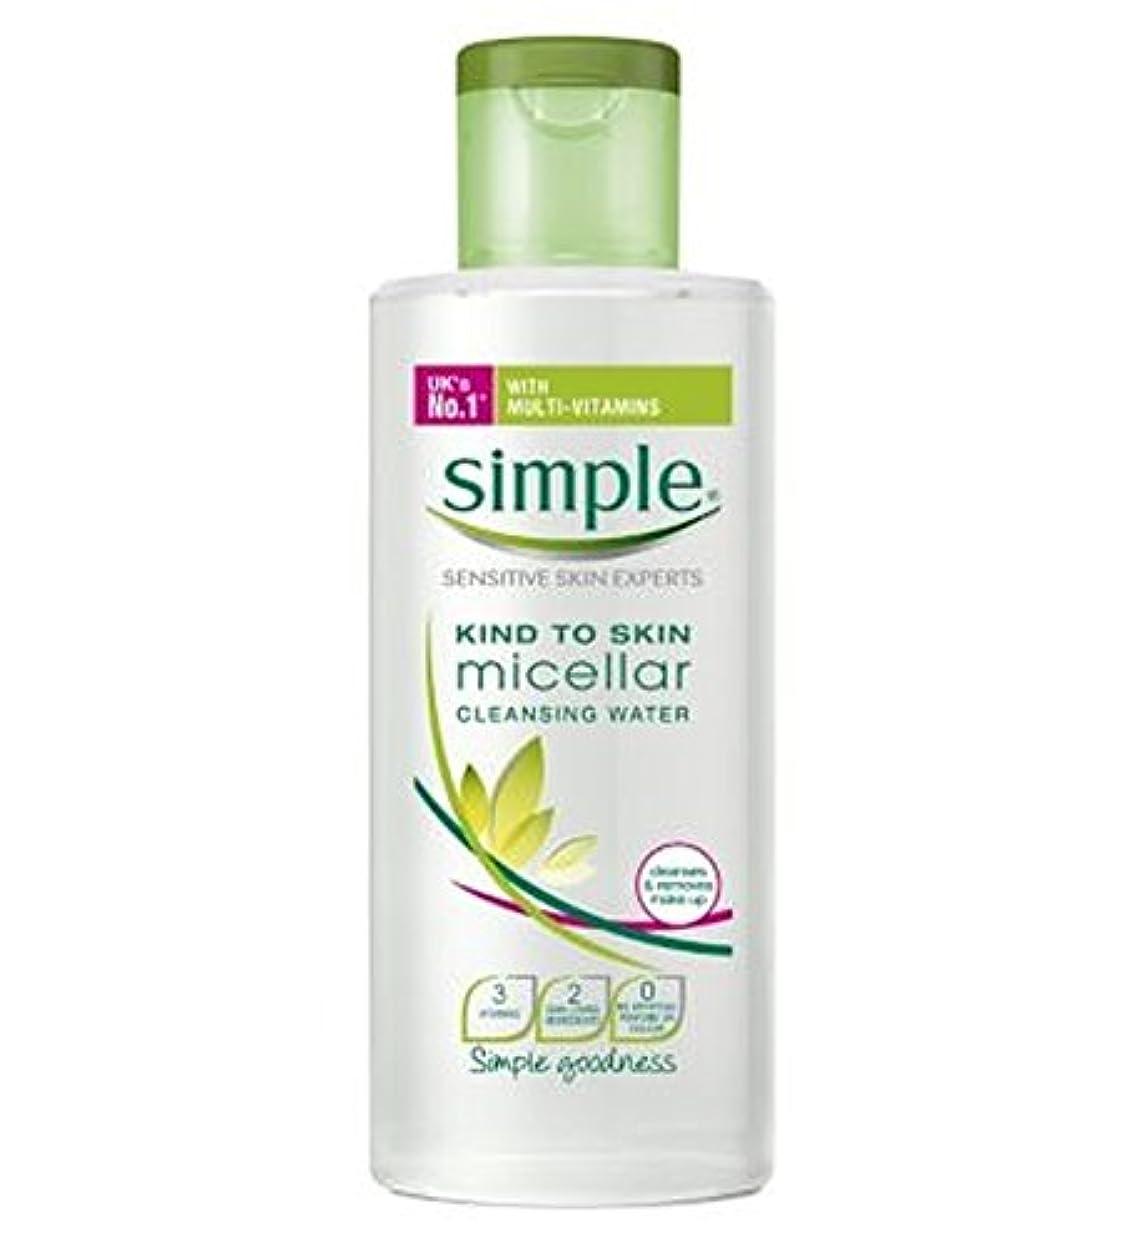 カテナ関係する凝視Simple Kind To Skin Micellar Cleansing Water 200ml - 皮膚ミセル洗浄水200ミリリットルに簡単な種類 (Simple) [並行輸入品]